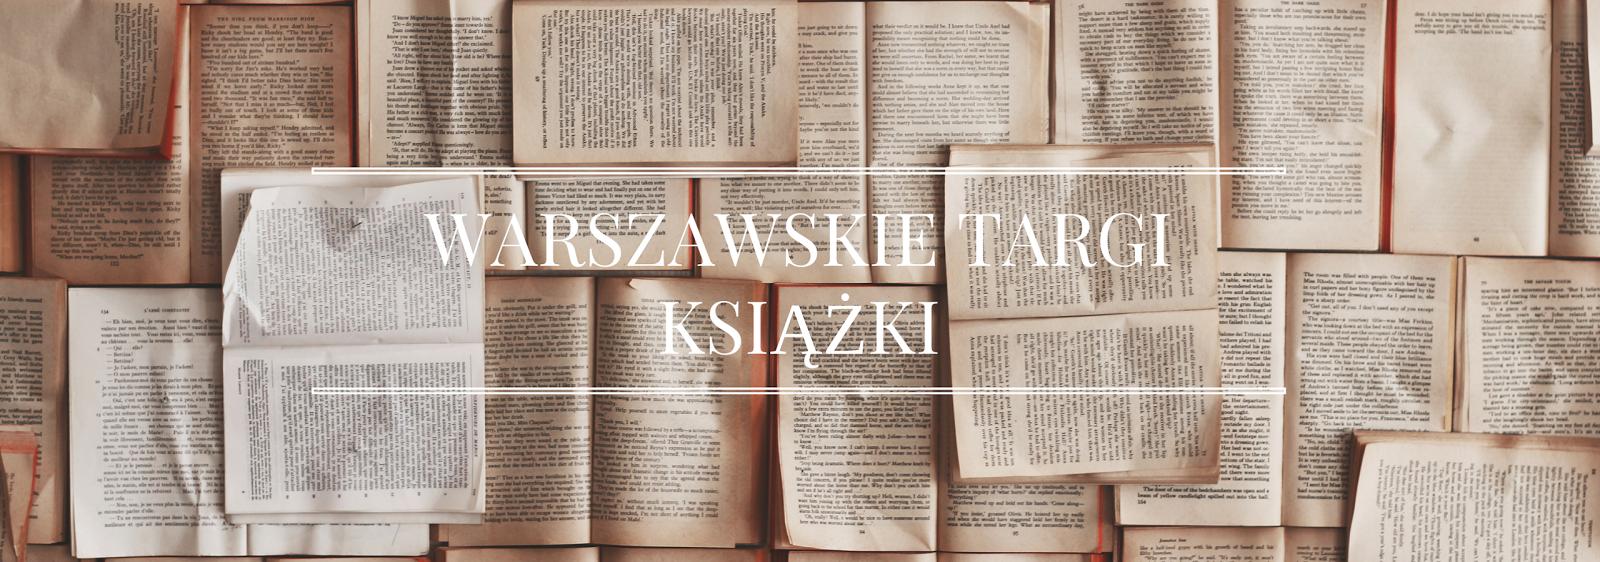 Warszawskie targi książki | Co kupiłam?